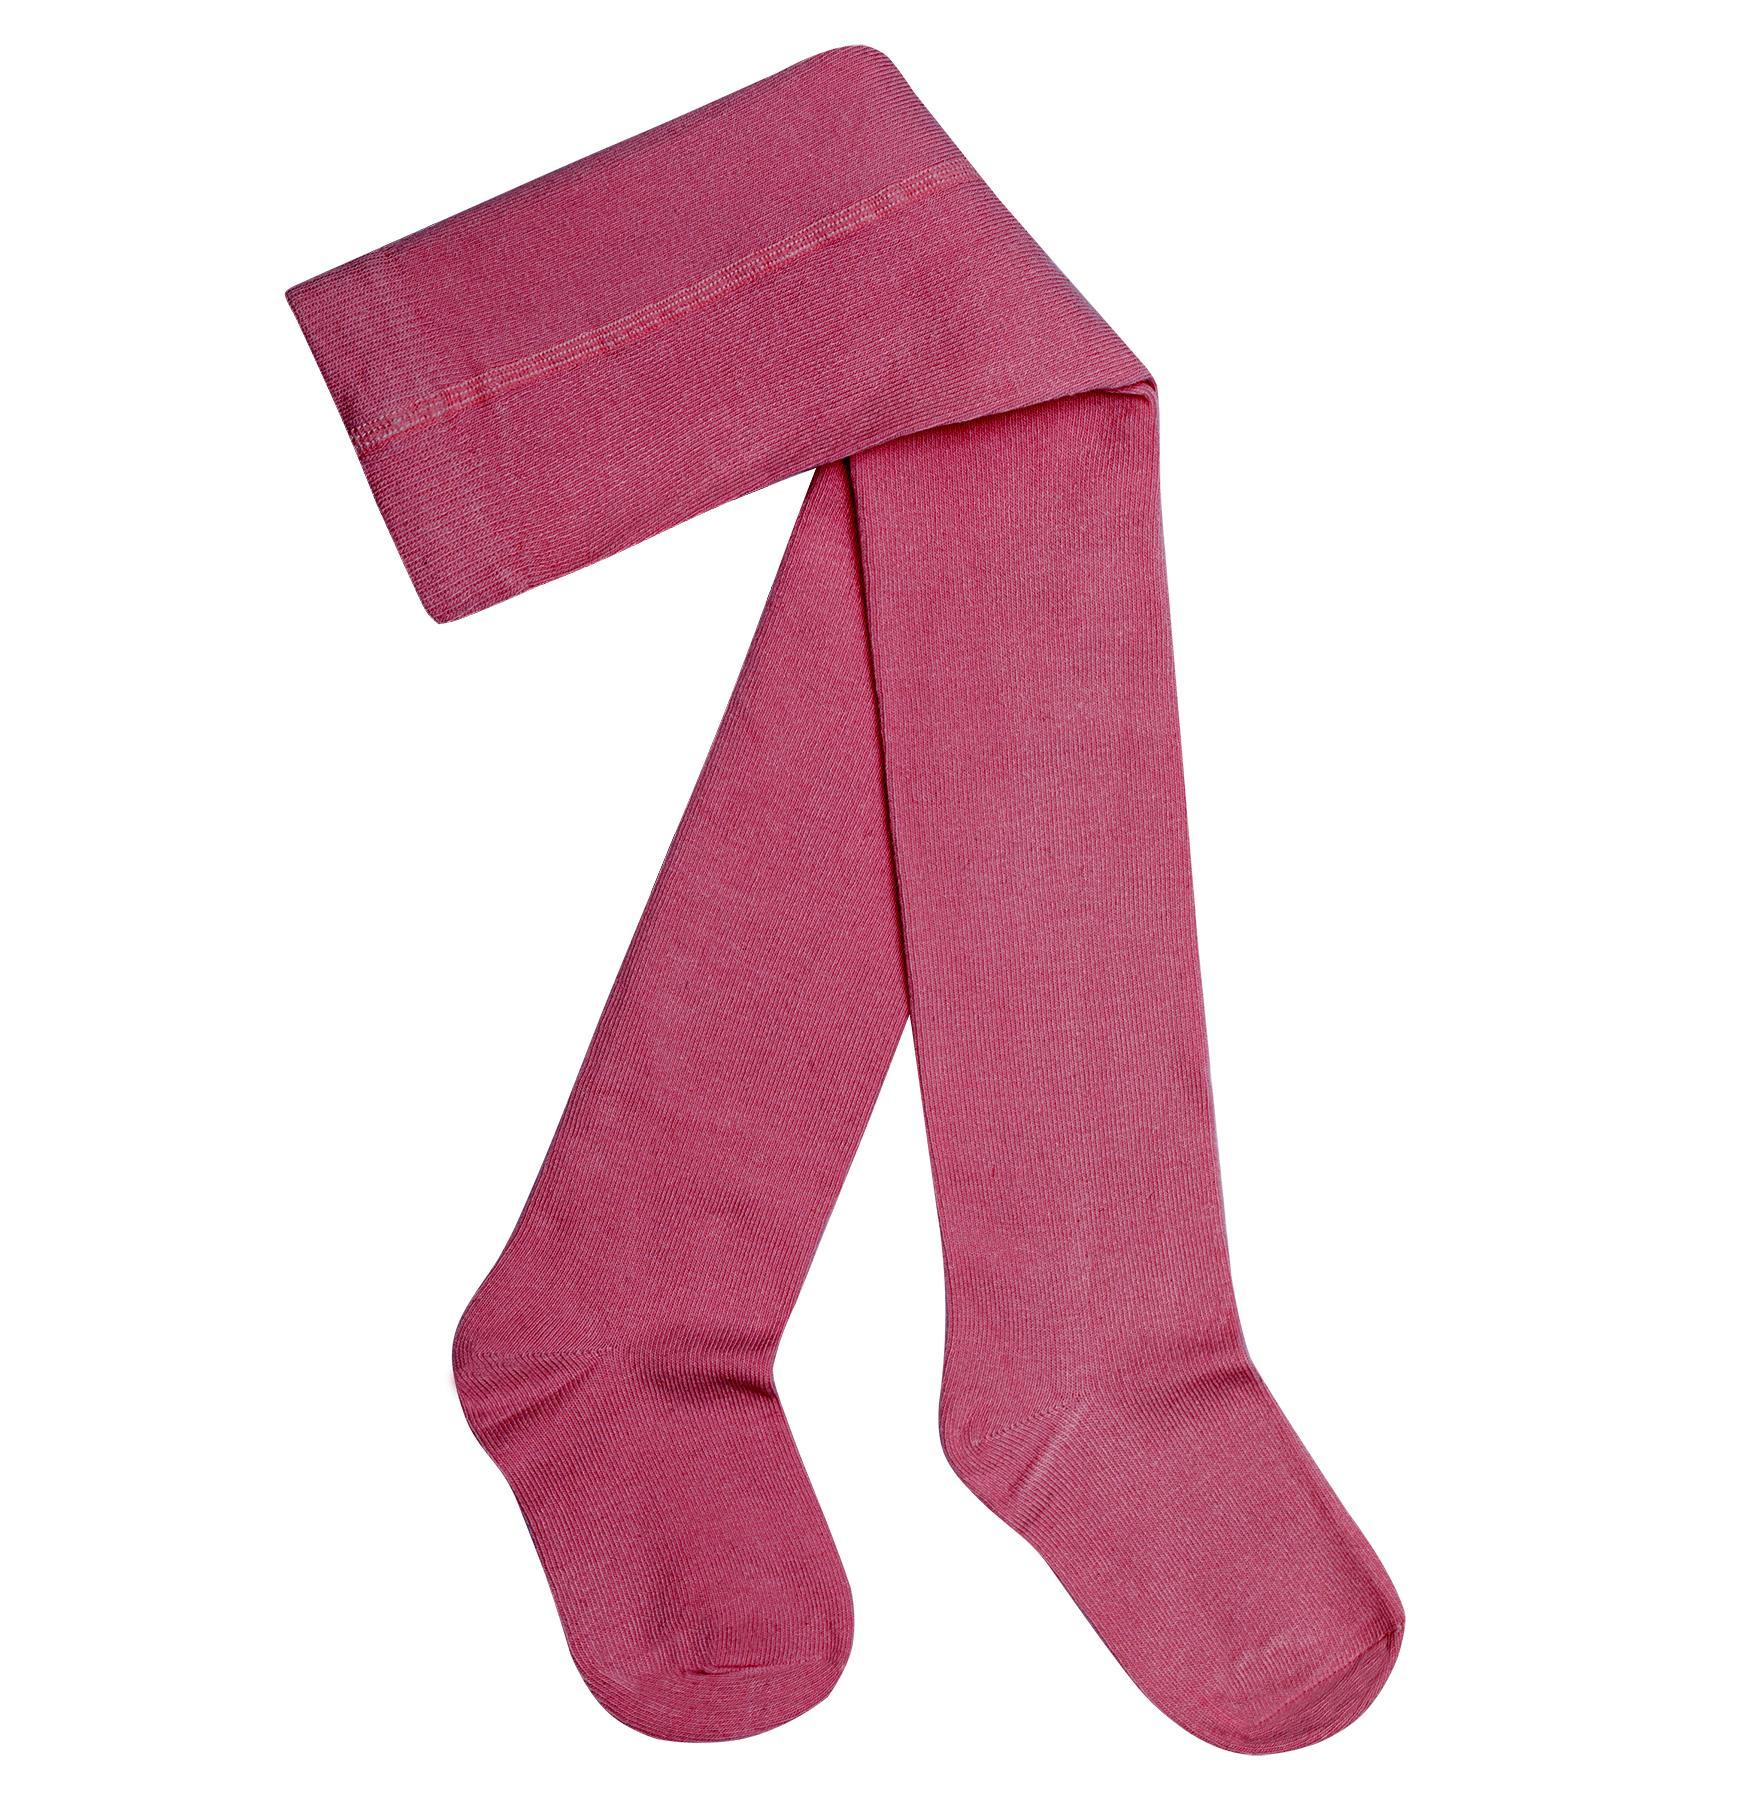 Rajstopy bawełniane różowe - FAVES. Socks&Friends